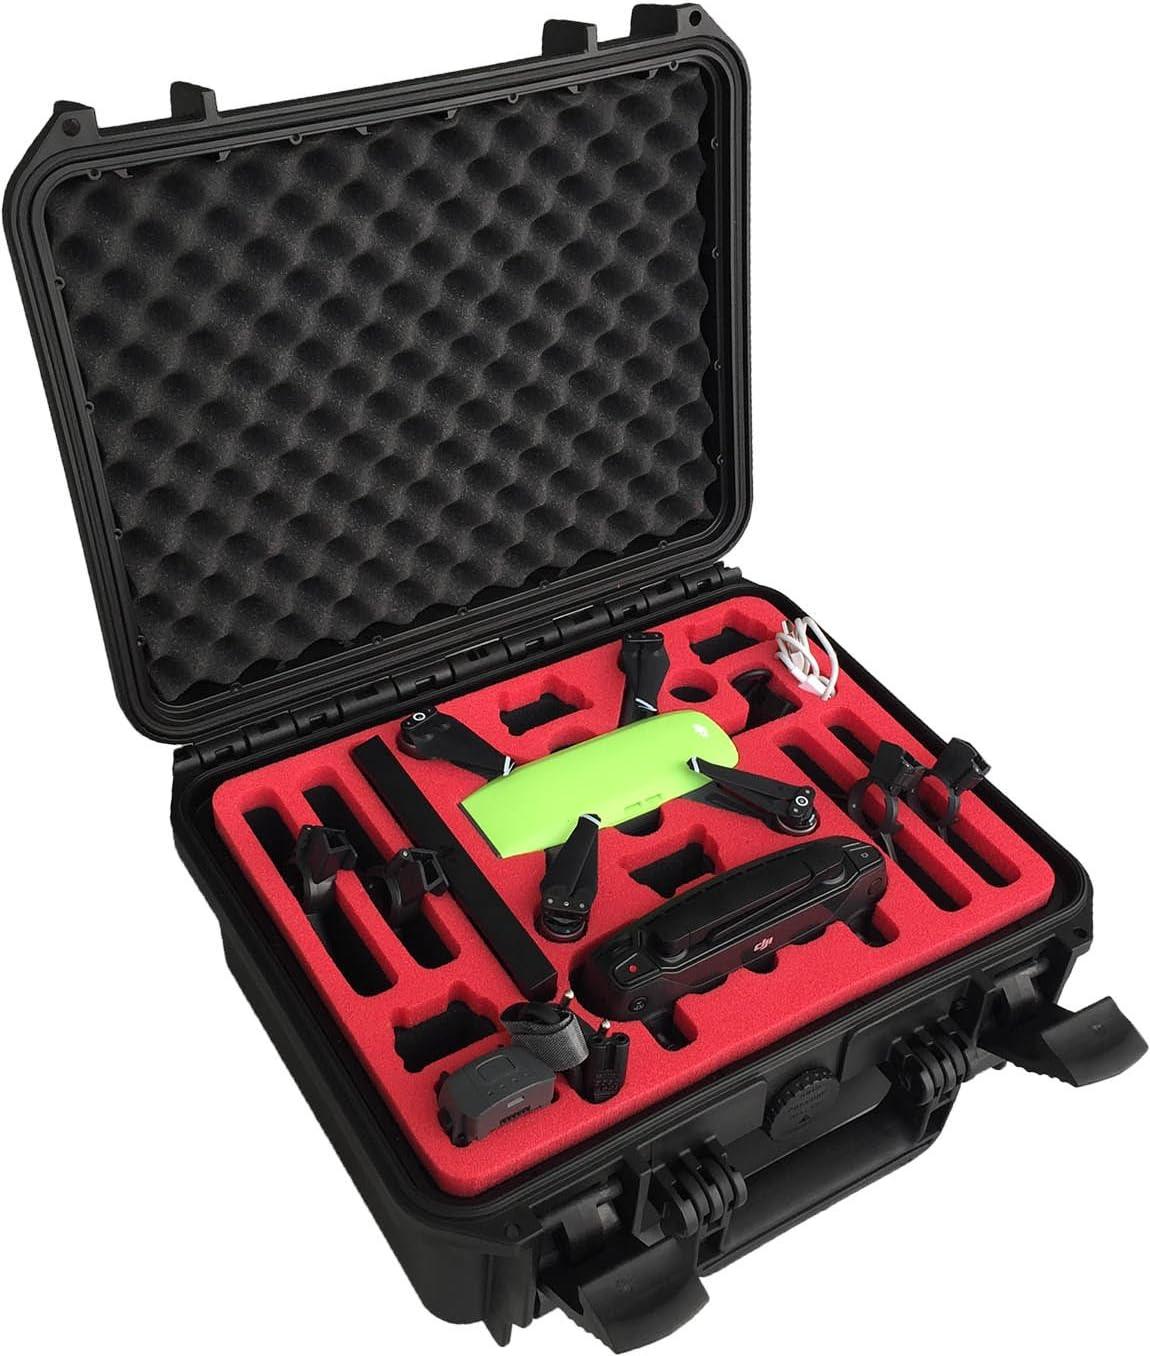 Maleta Professional Hecha para dji Spark (edición Fly More Explorer) con Espacio para 6 baterías y Accesorios (Edición compacta) by MC-CASES